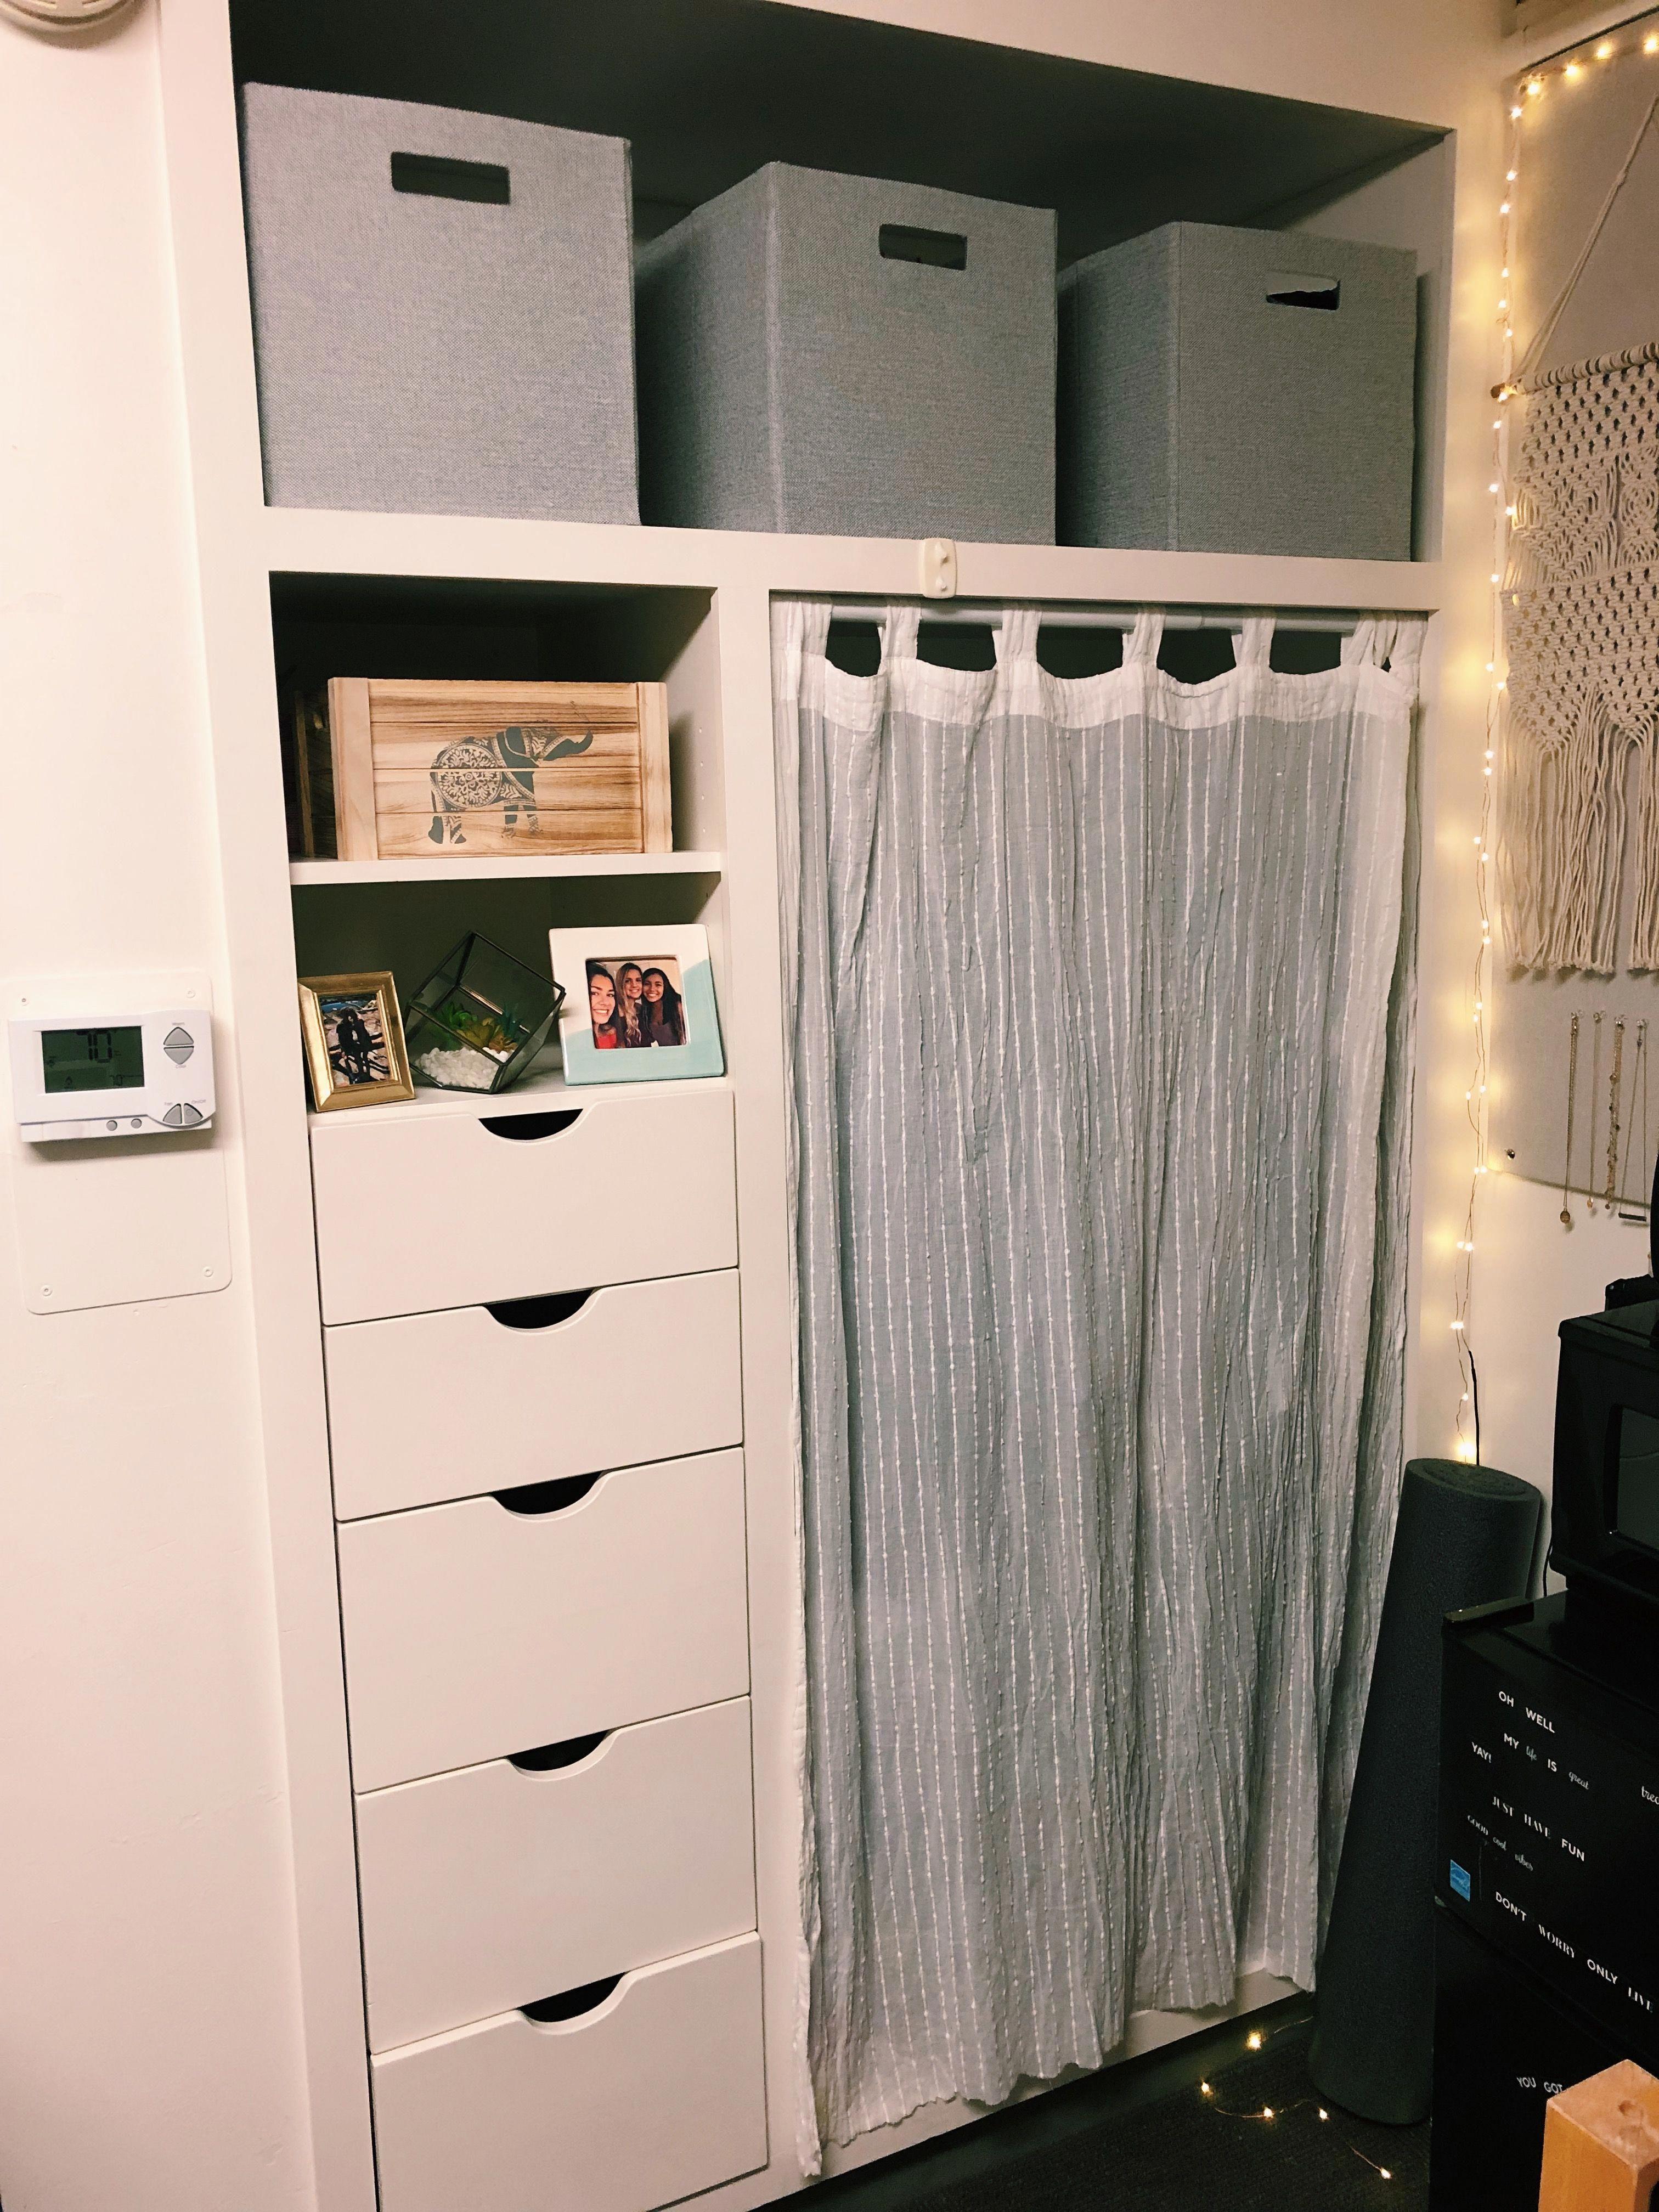 Dorm Room Closet: Dorm Closet, UC Davis, Dorm, Dorm Room, Dorm Decoration